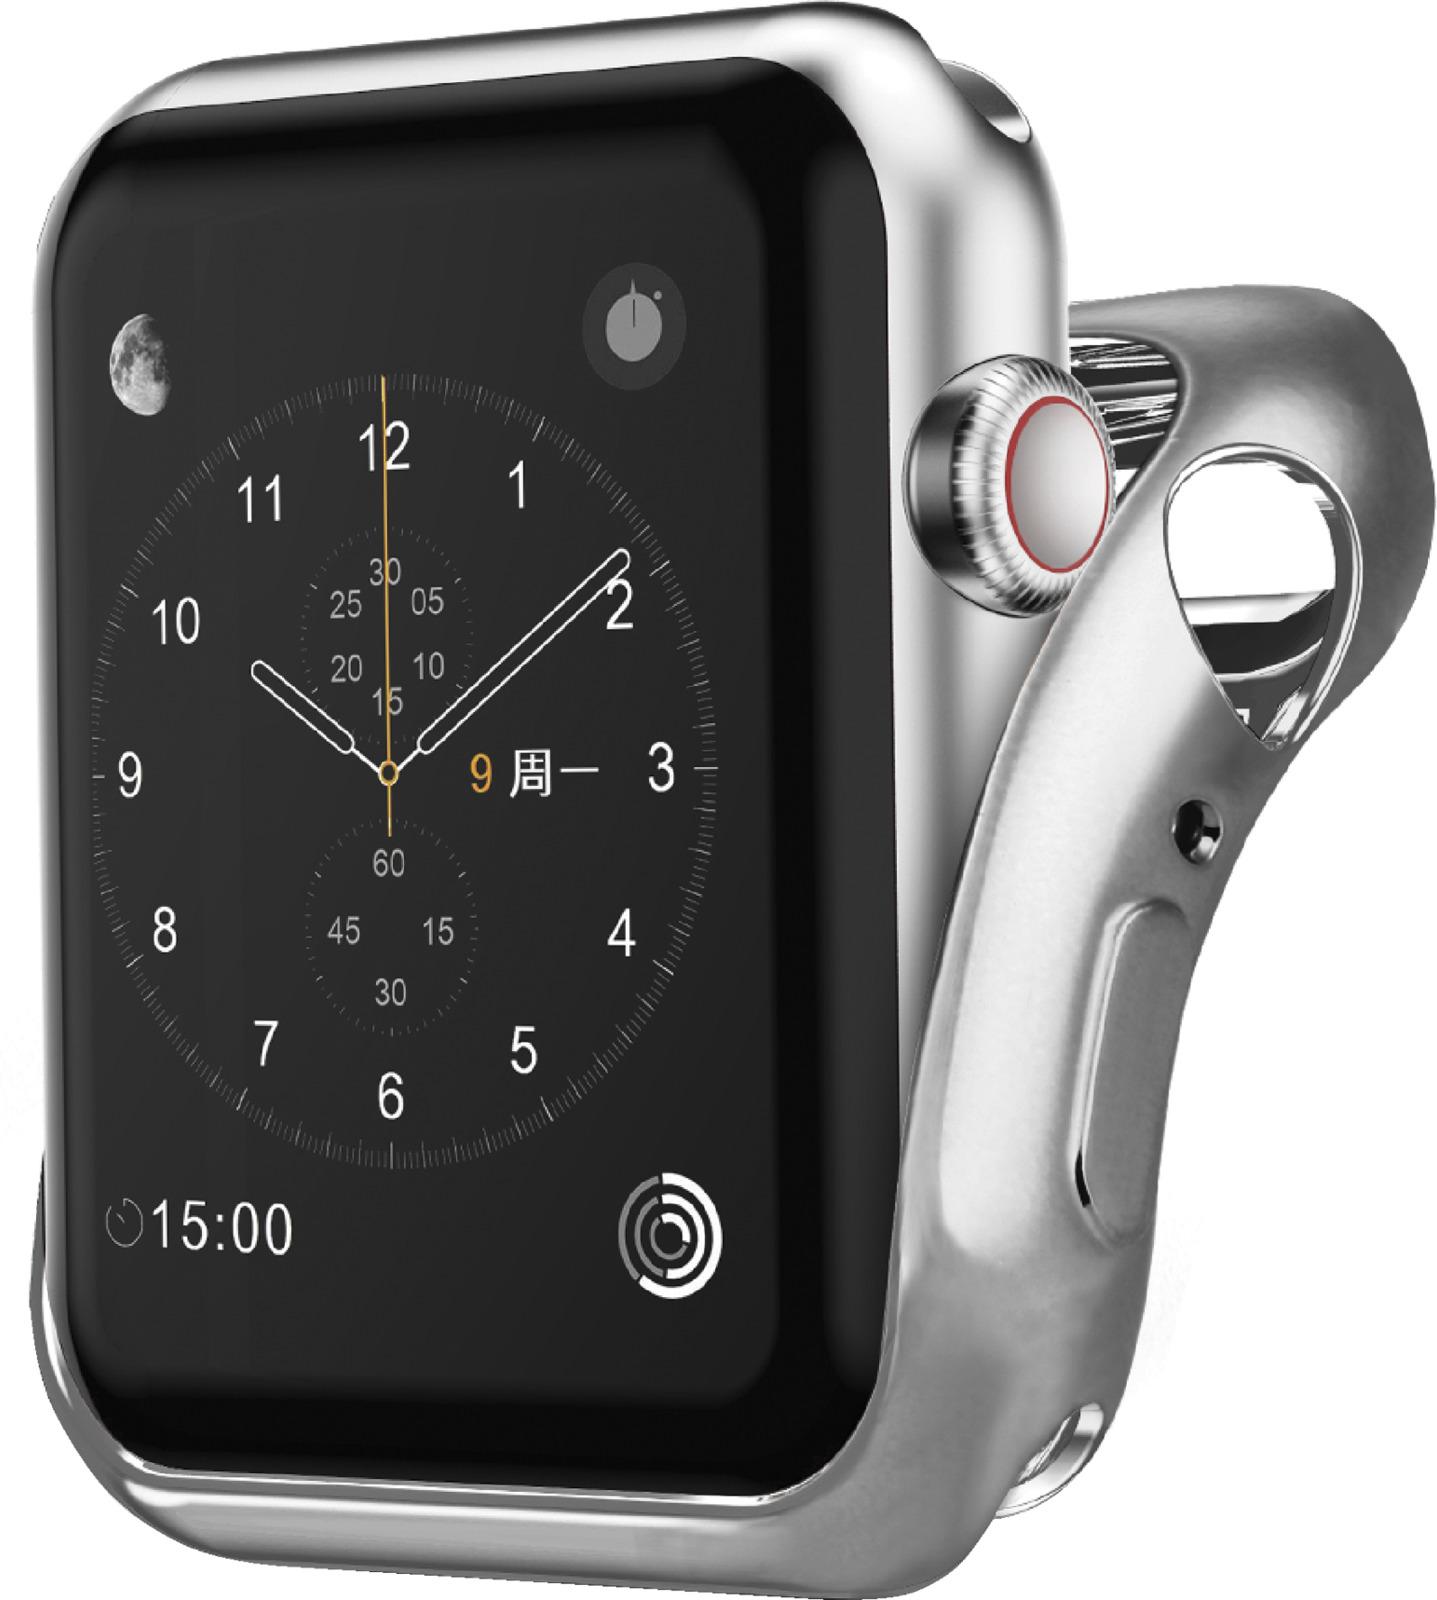 Чехол для смарт-часов Interstep Спортивный для Apple Watch 40mm, серебристый чехол для смарт часов interstep спортивный для apple watch 40mm серебристый